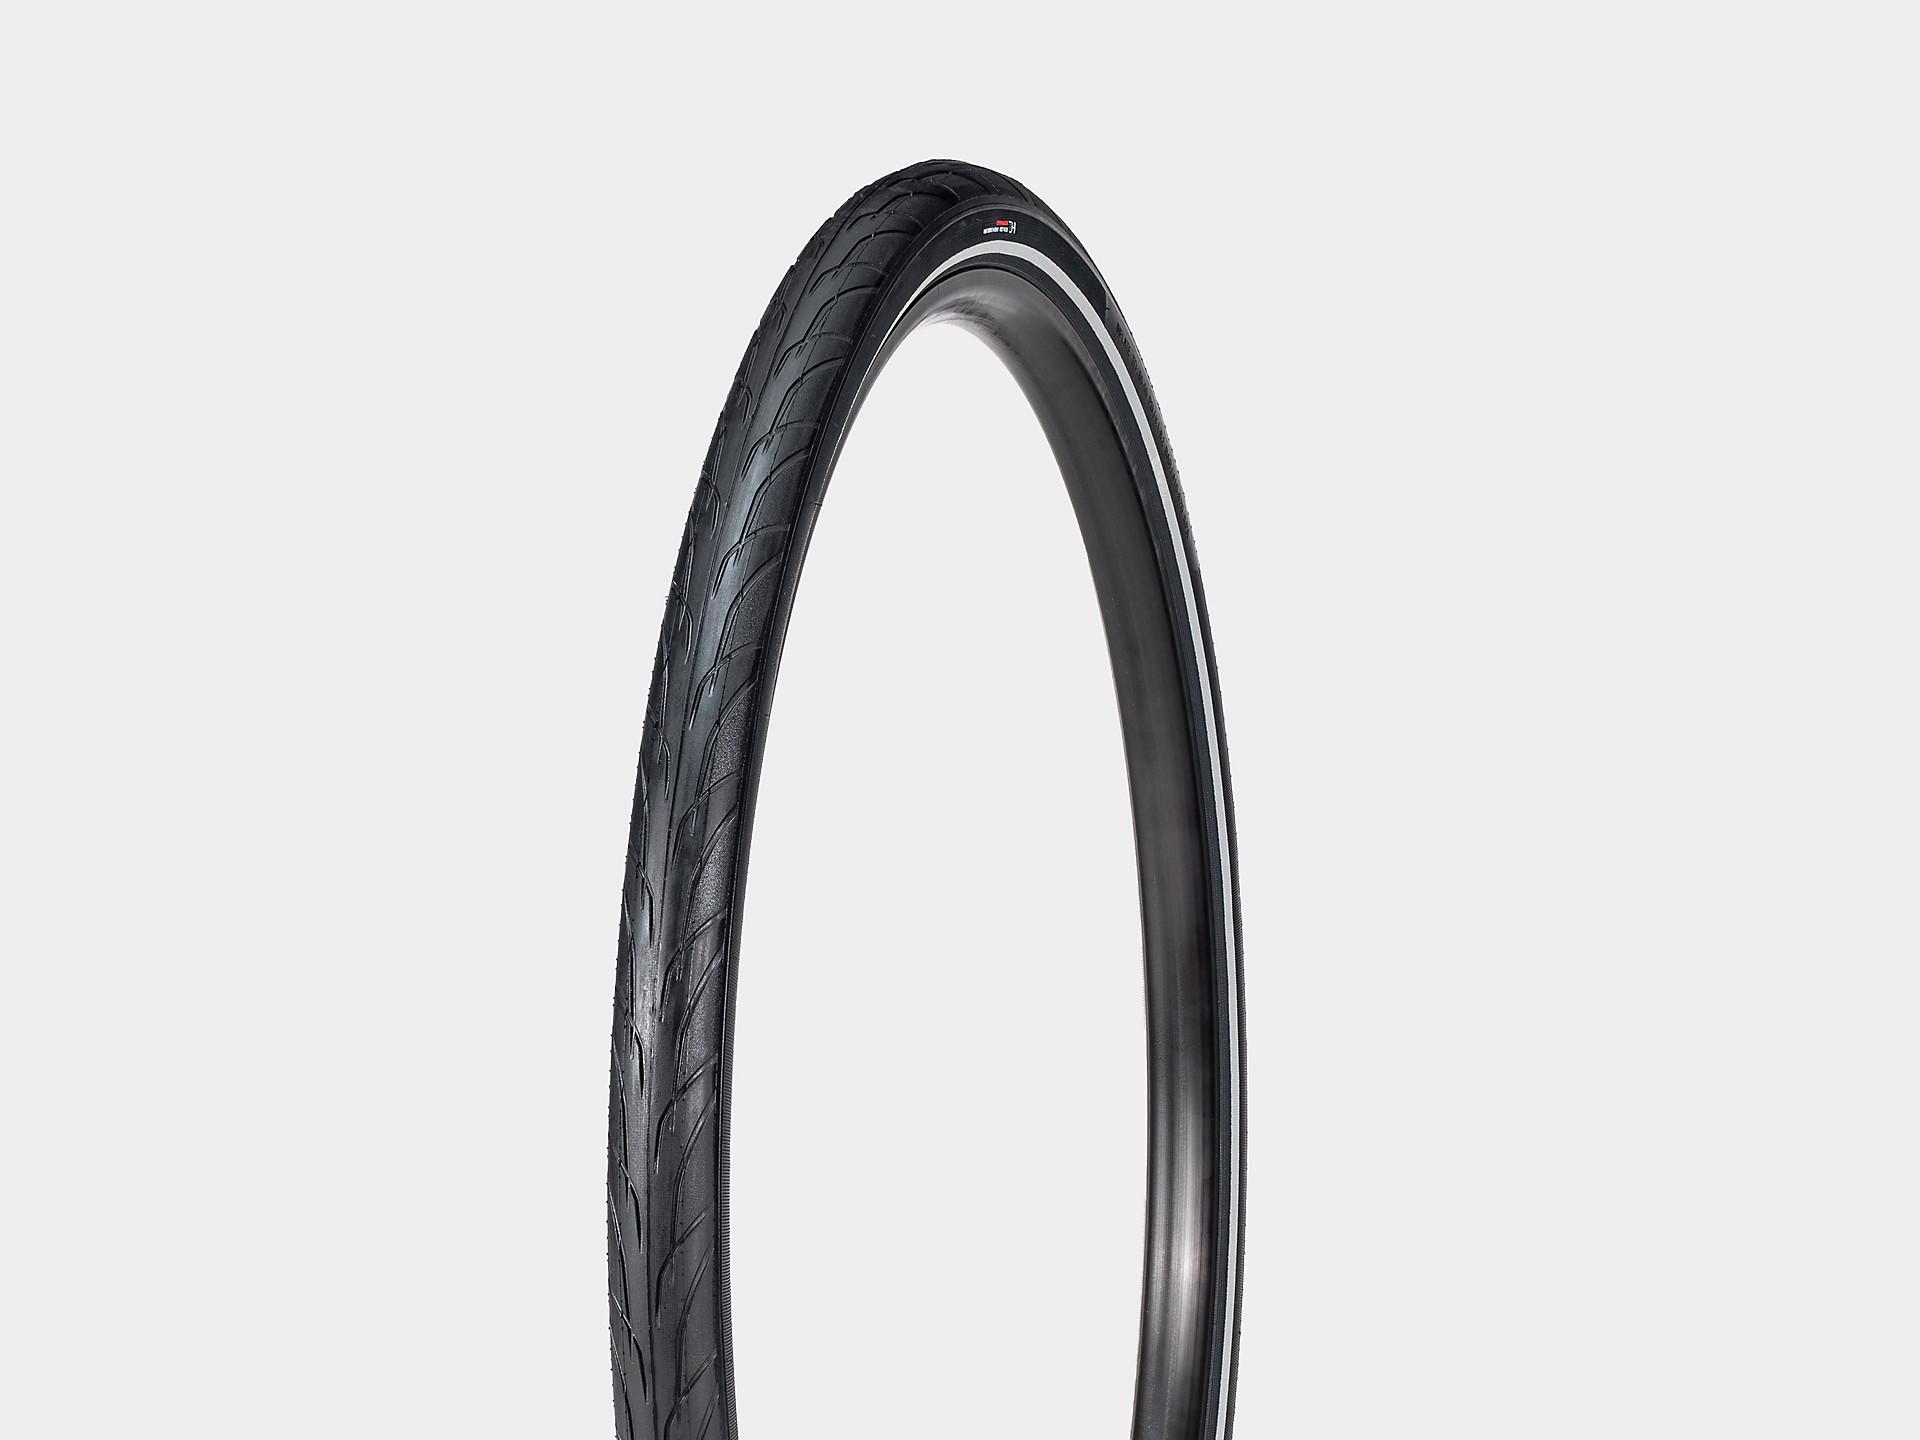 H1 Hard-Case Lite 700c hybride fietsband